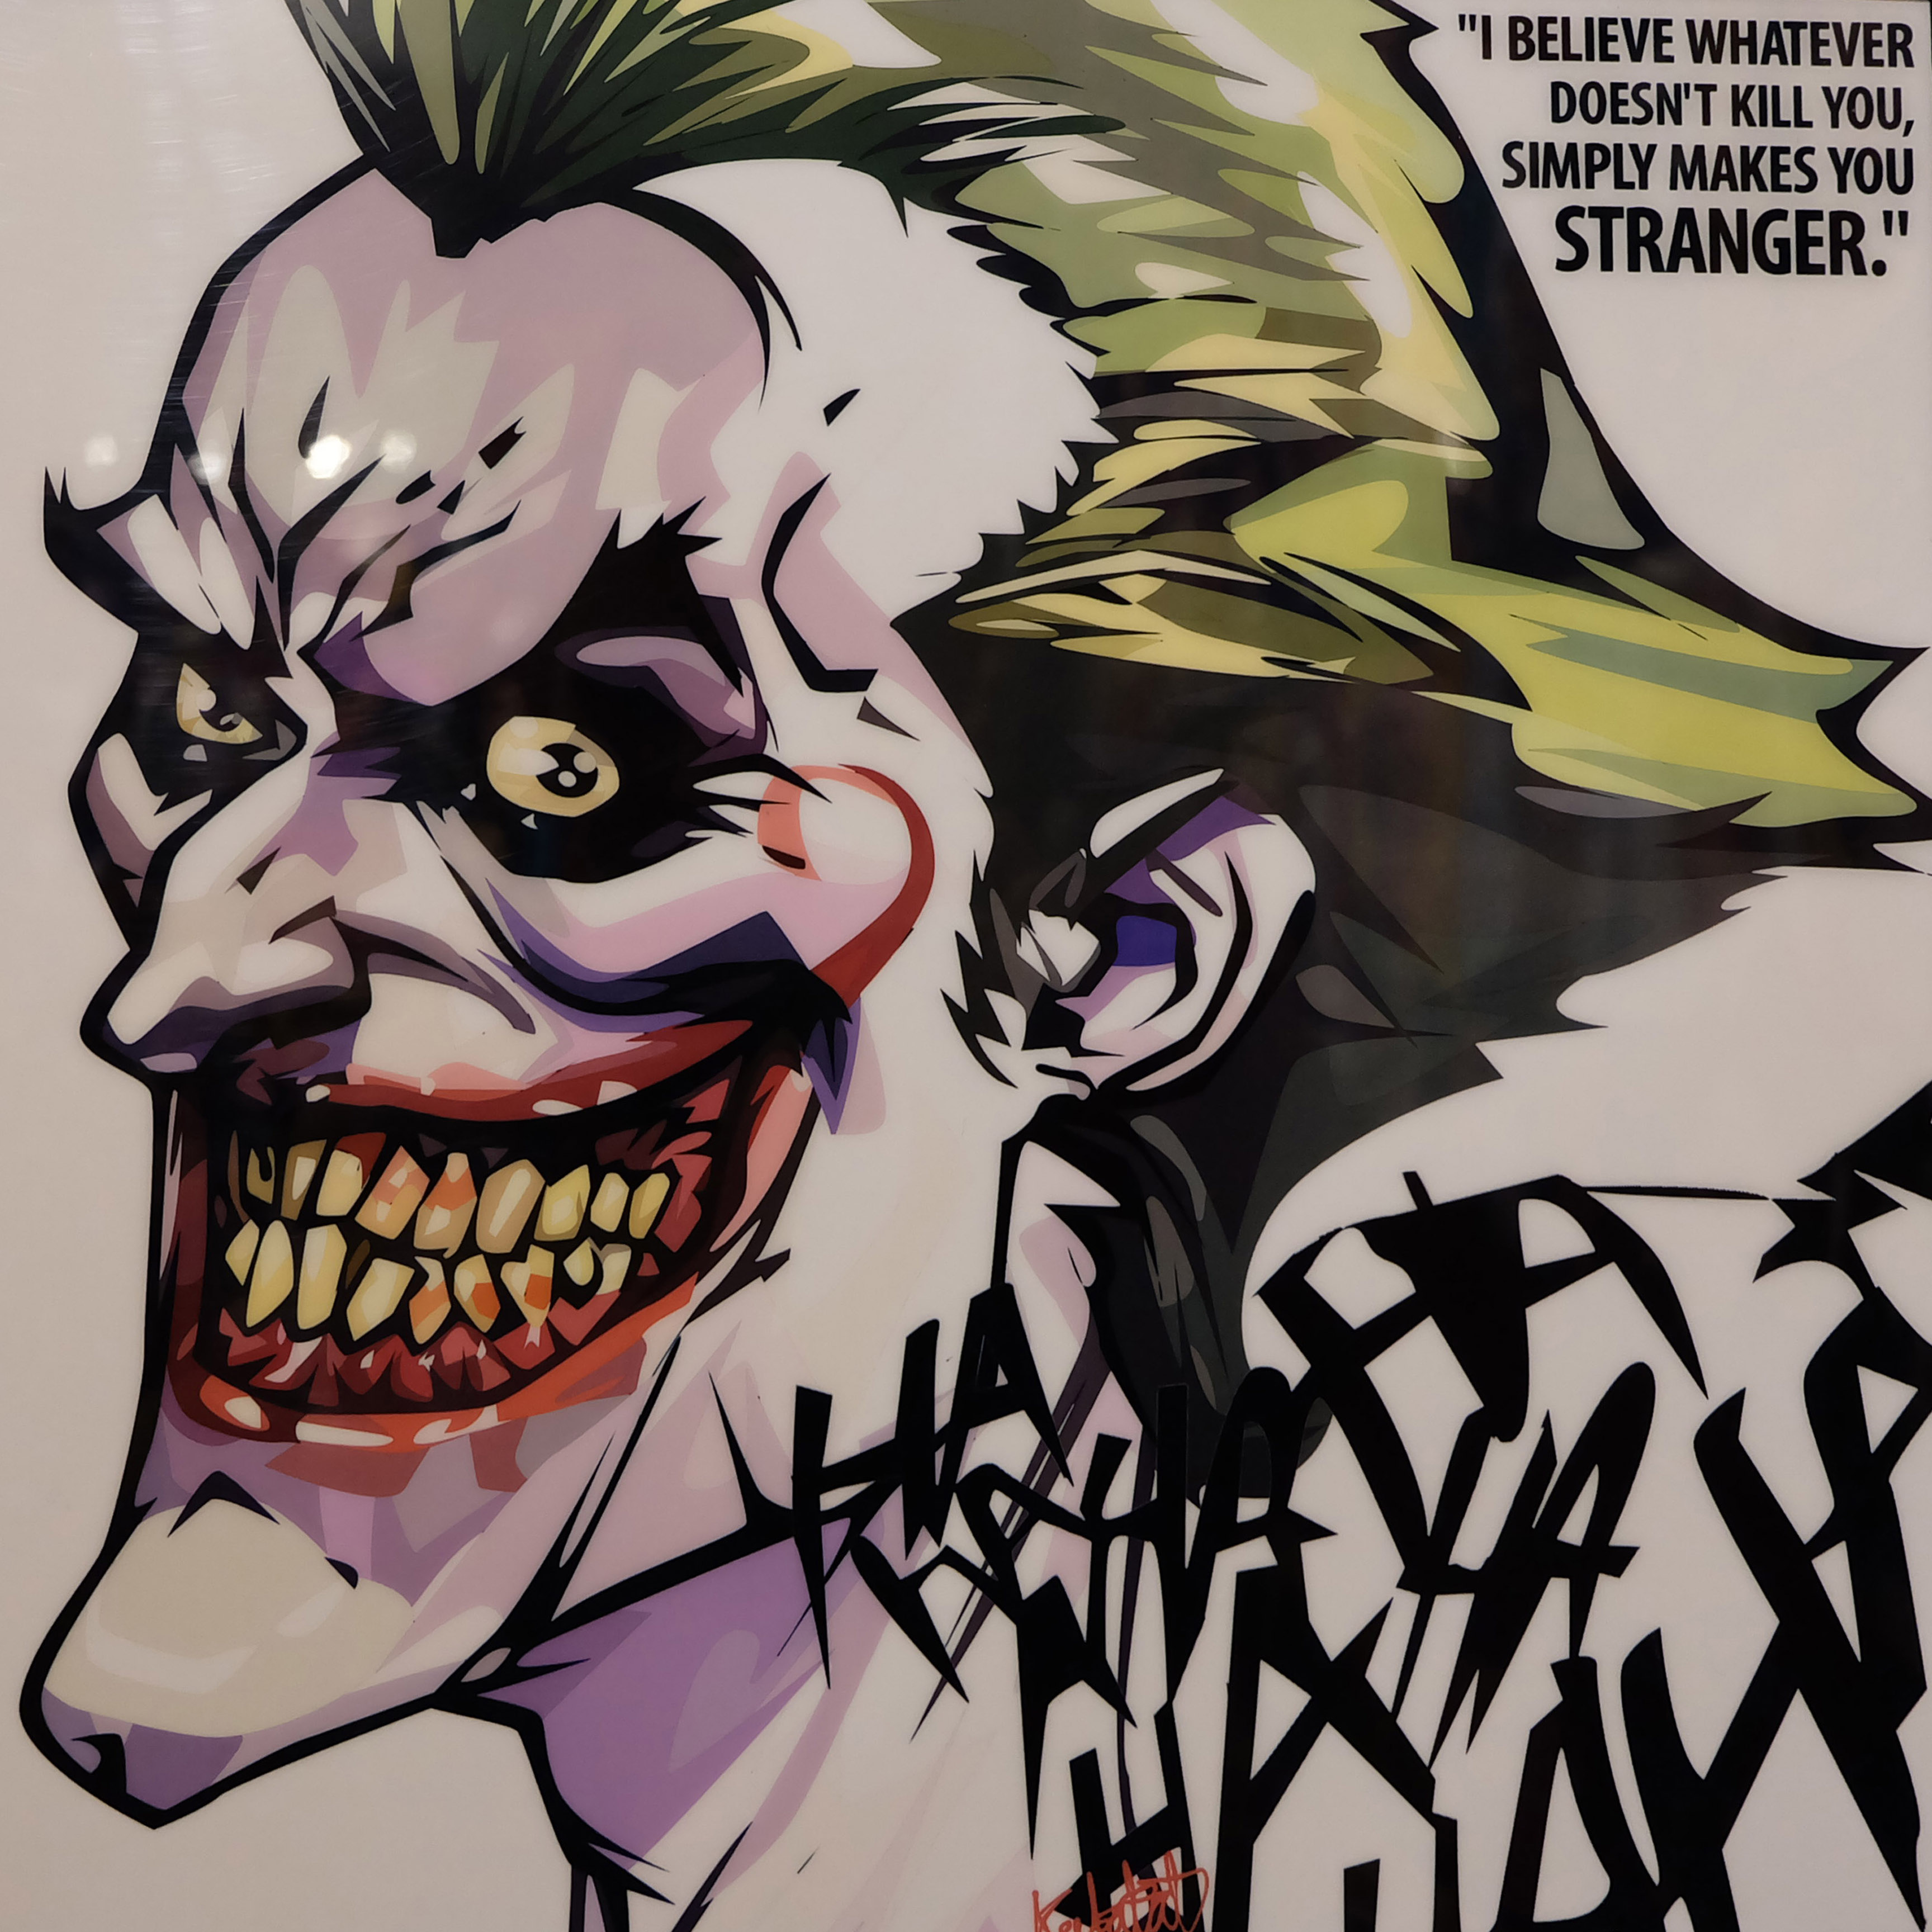 The Joker Pop Art Poster Makes You Stranger